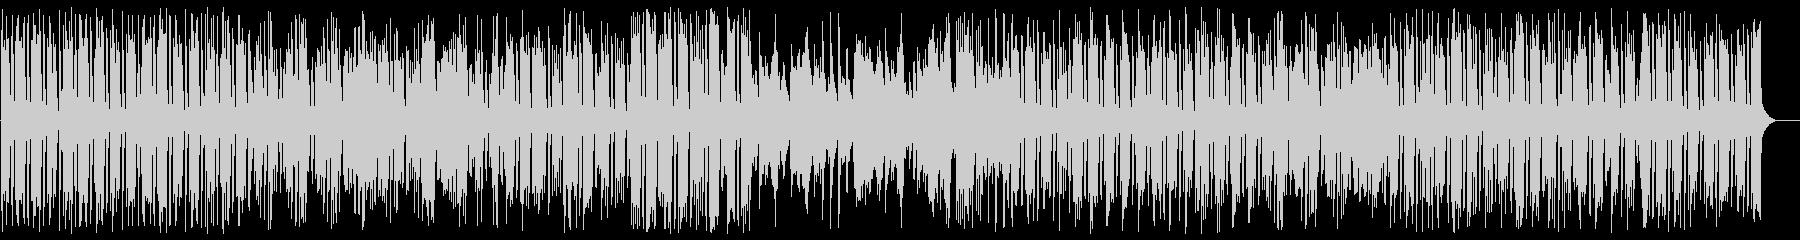 アップテンポのメロディーの綺麗なピアノの未再生の波形